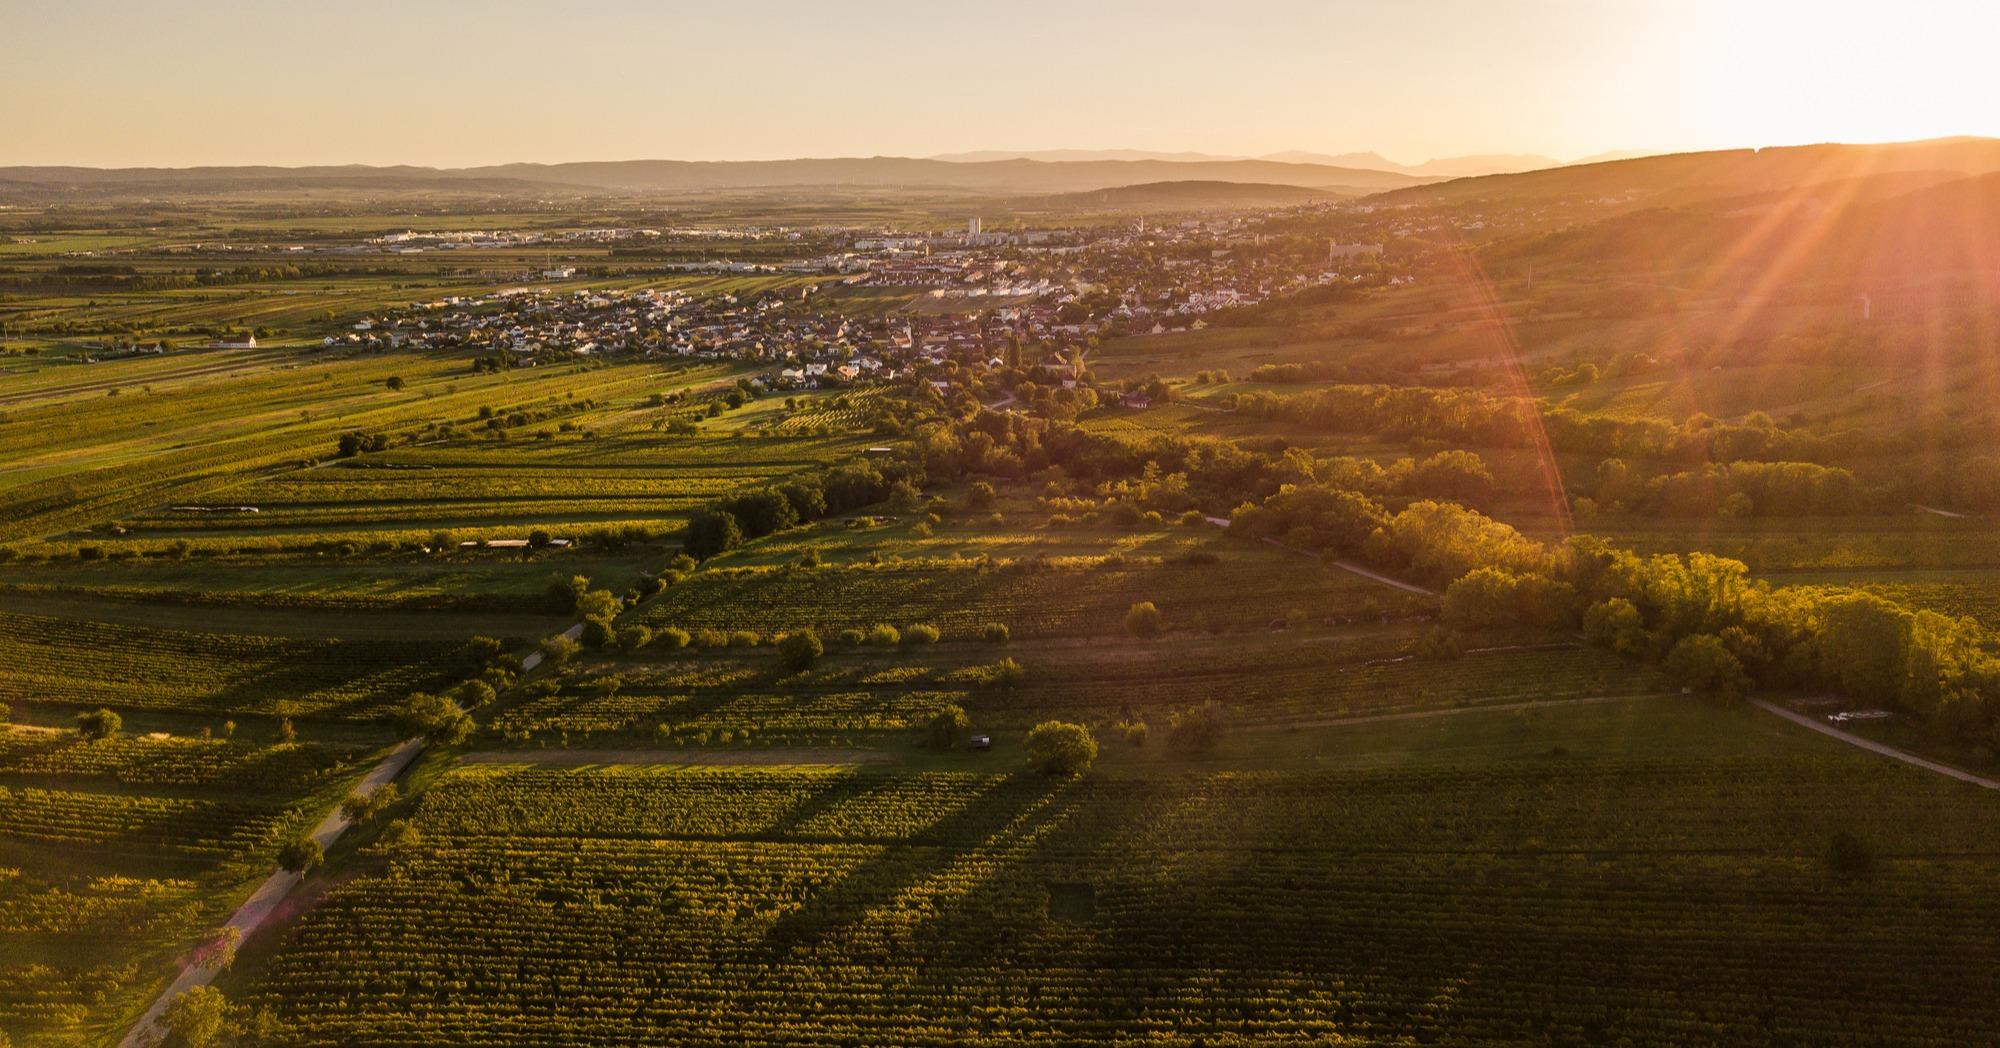 Etäluentaratkaisun onnistunut käyttöönotto Itävallassa